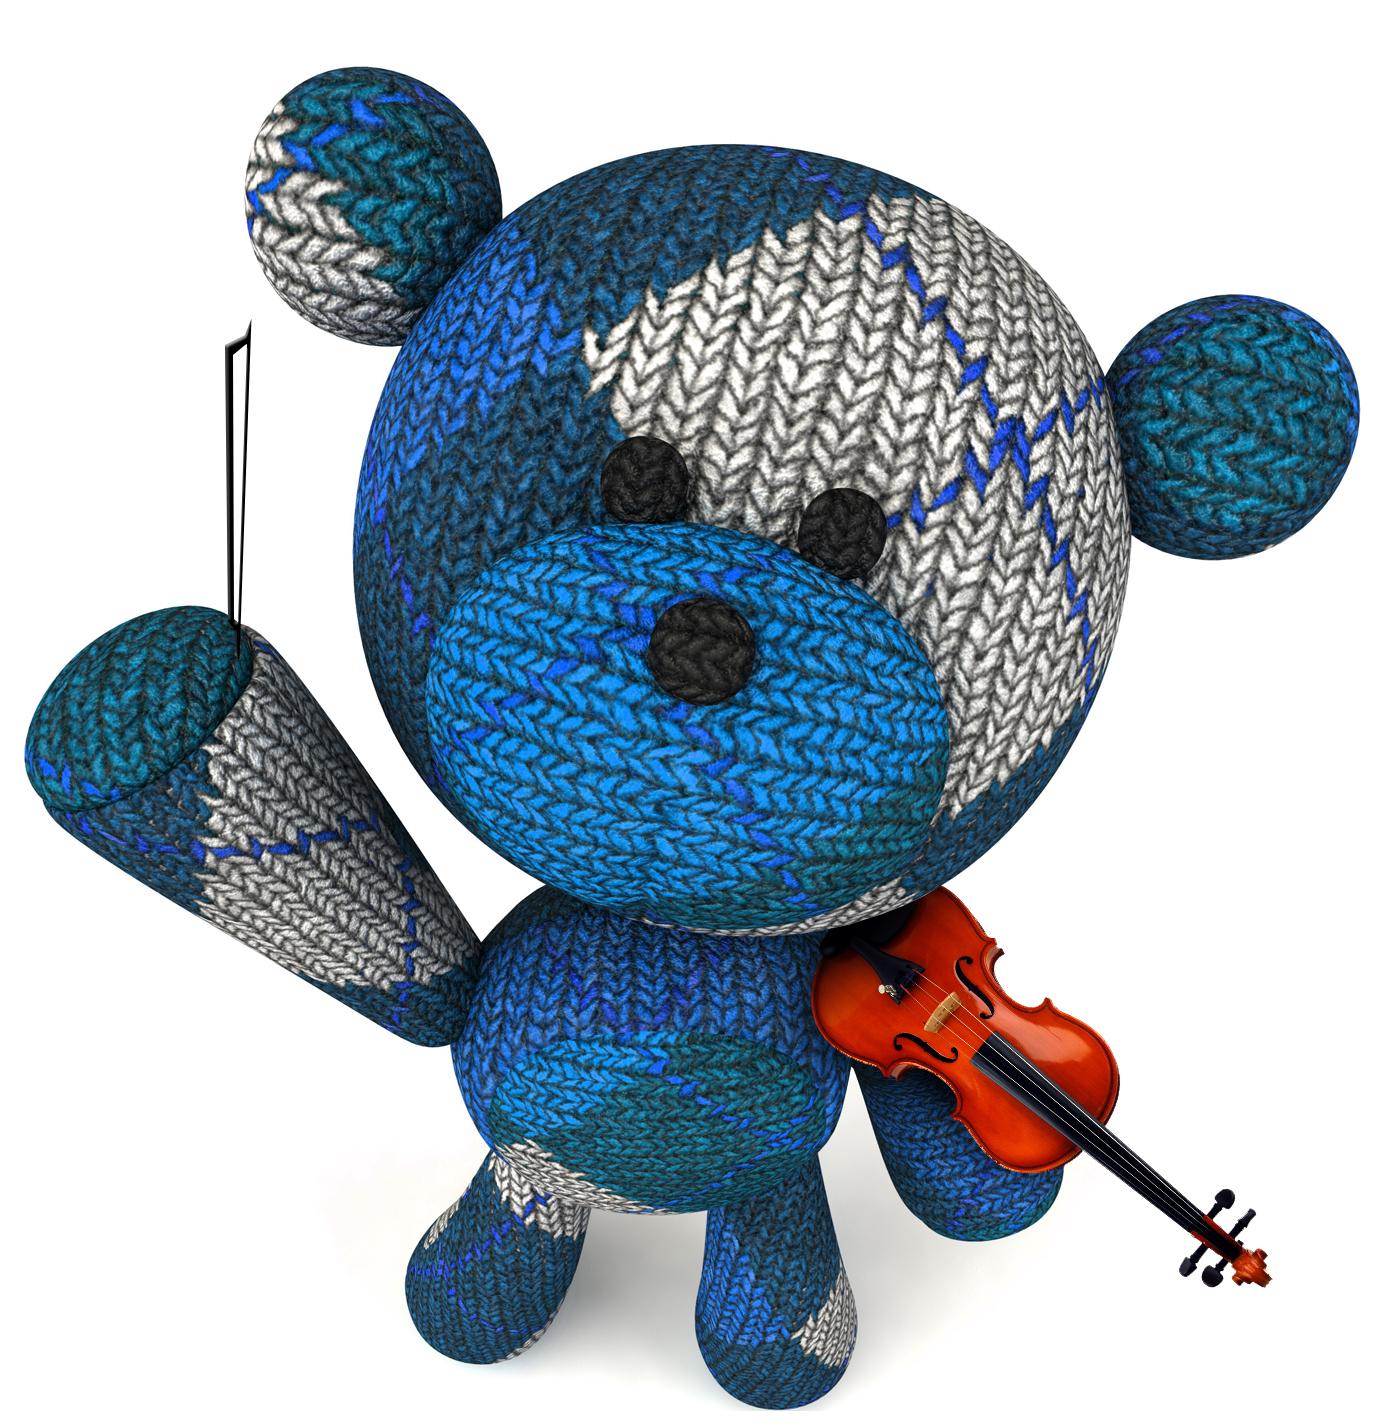 Teddy Bear Concert: The Spooky Old House